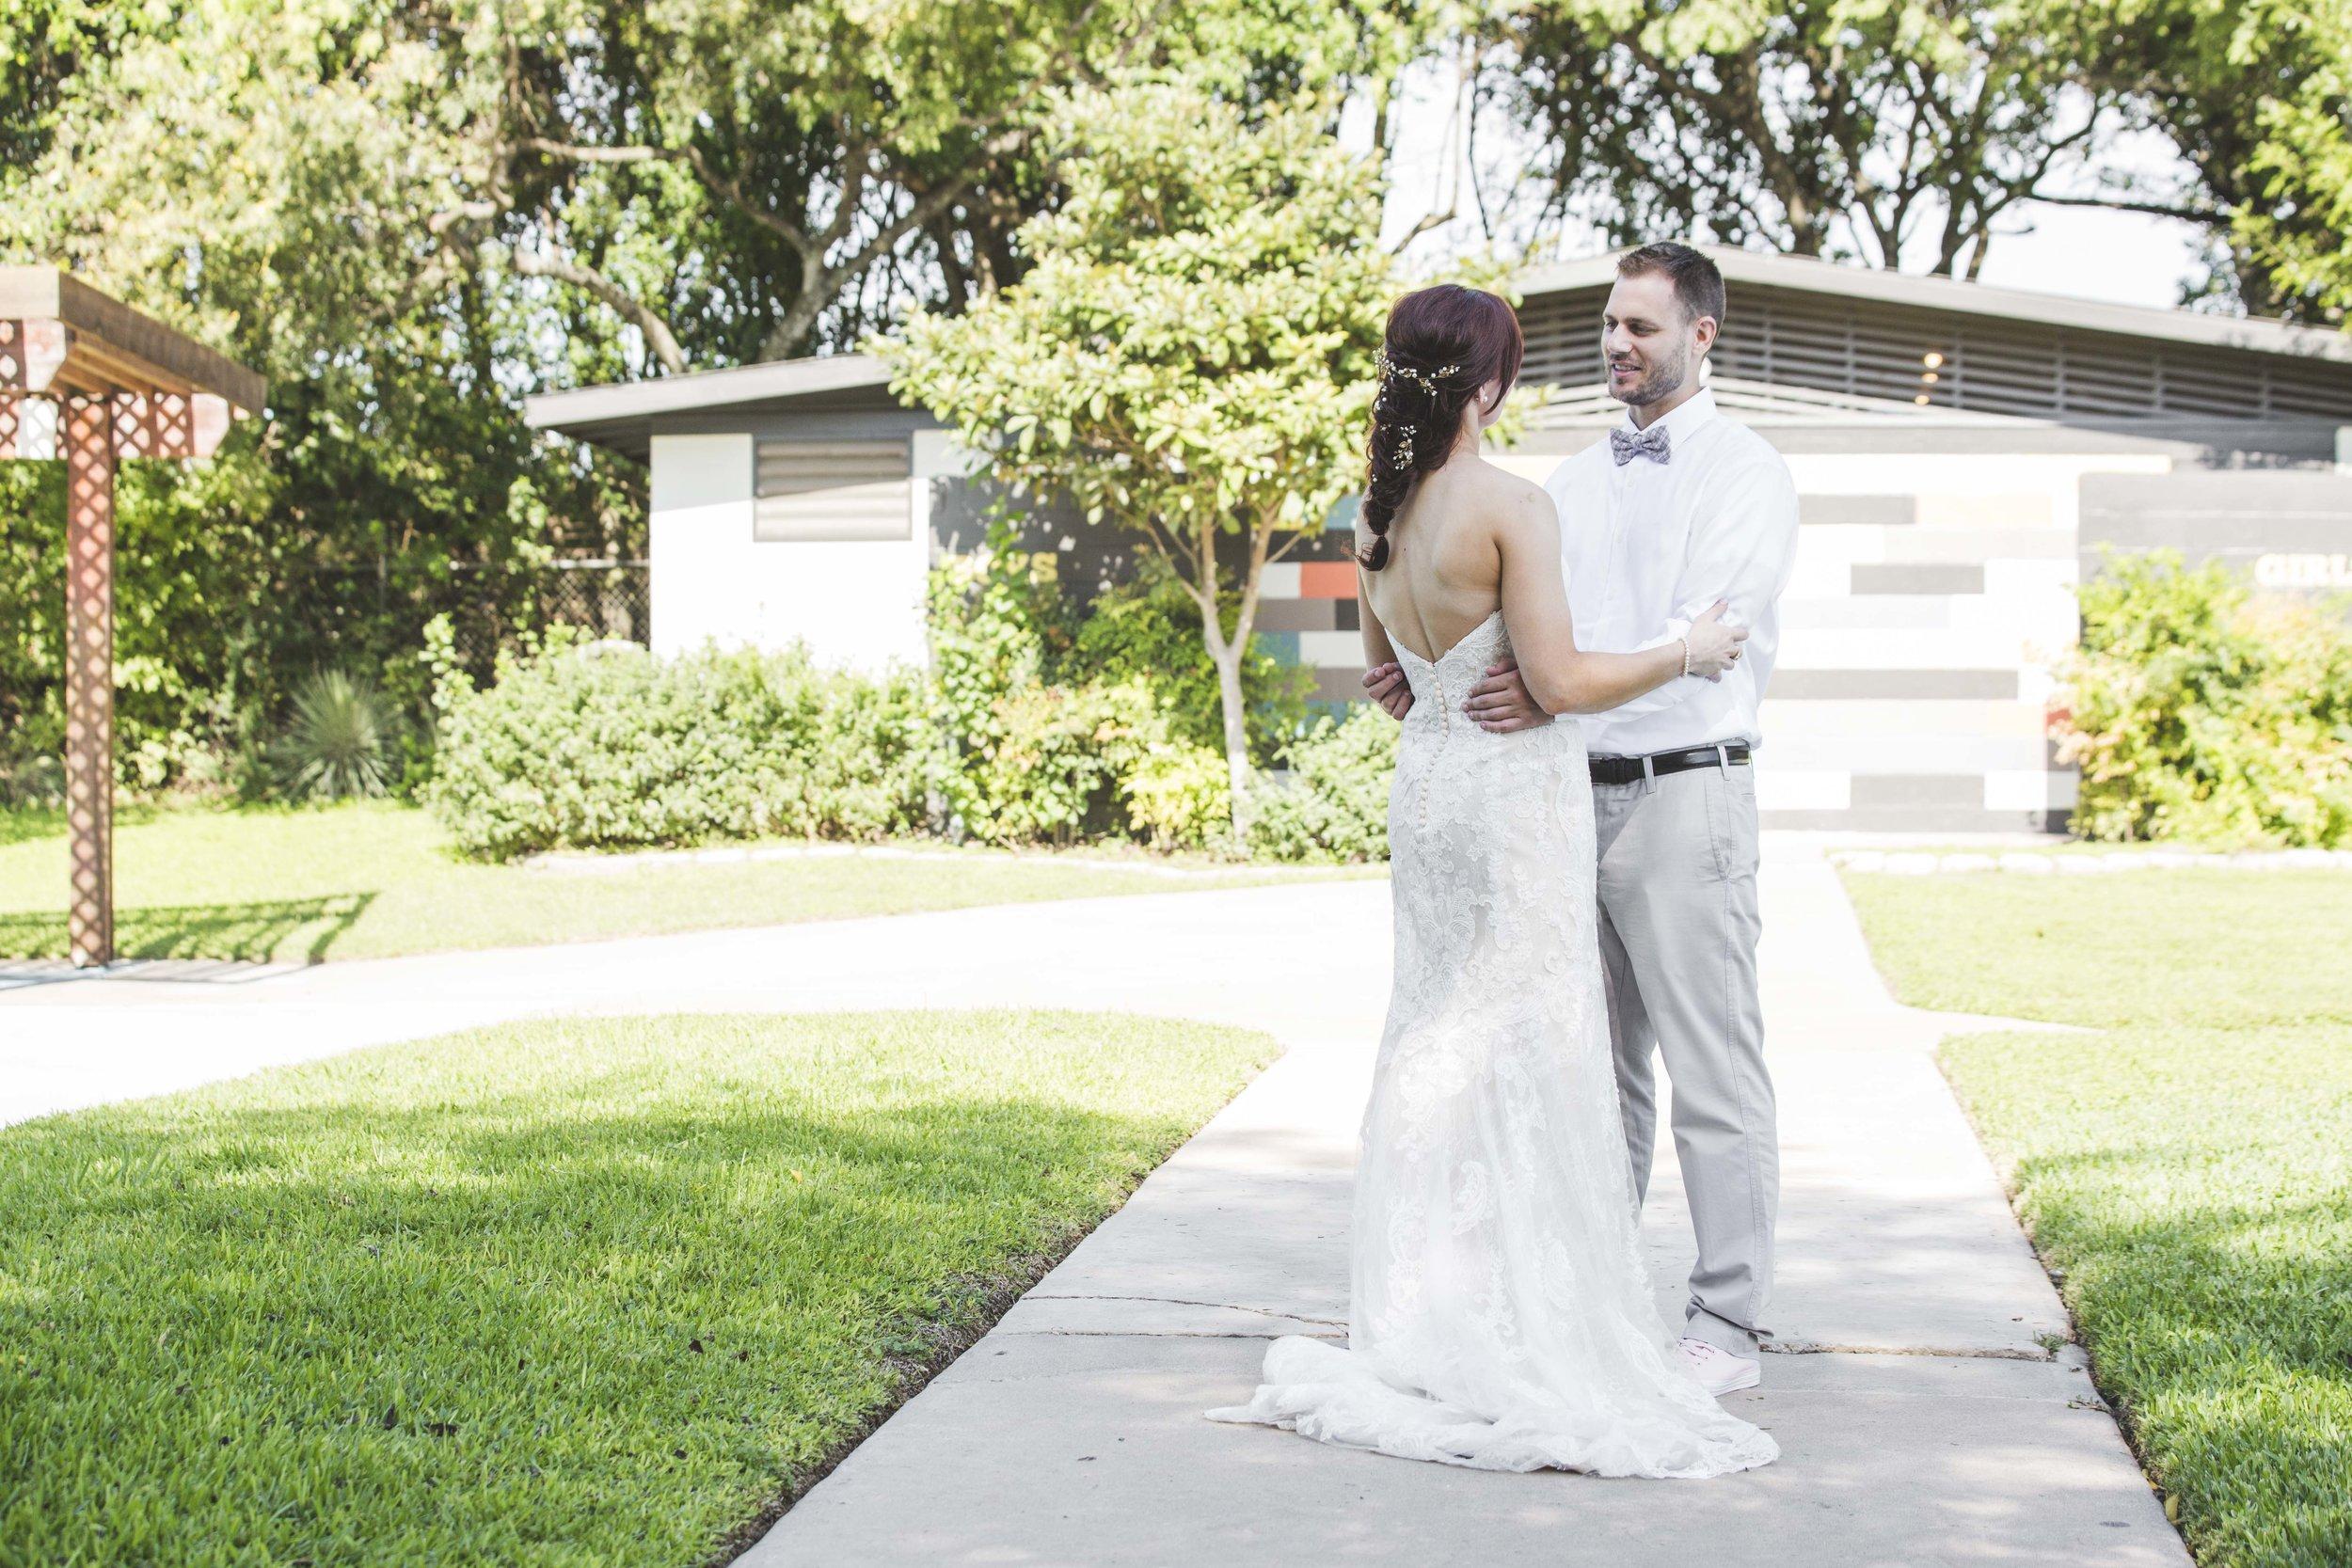 ATGI_Susanna & Matt Wedding_717A7327.jpg